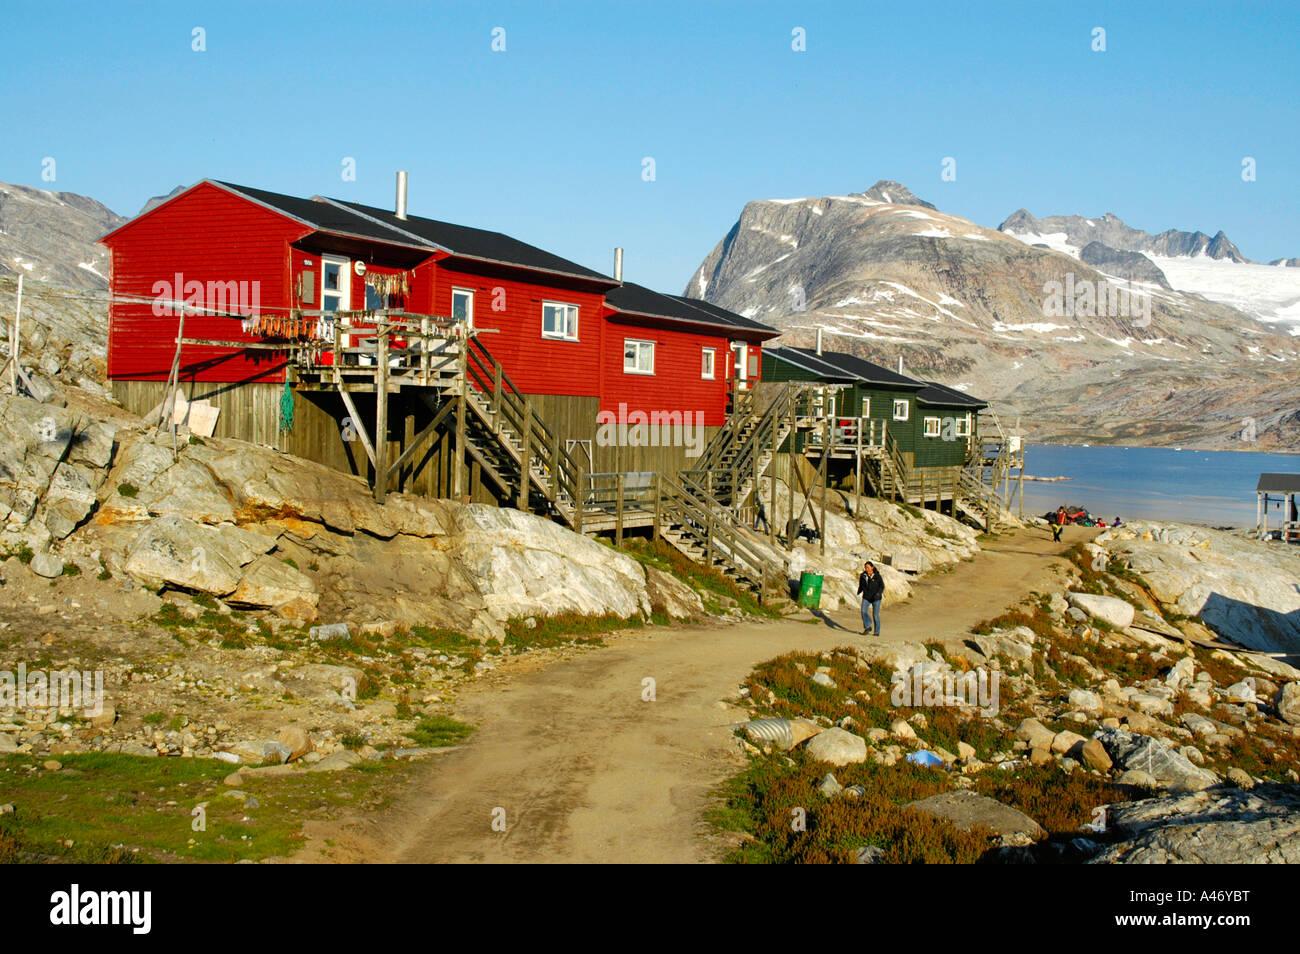 Maisons colorées en bois construite sur le roc et les glaciers de montagne fjord dans l'arrière-plan Photo Stock